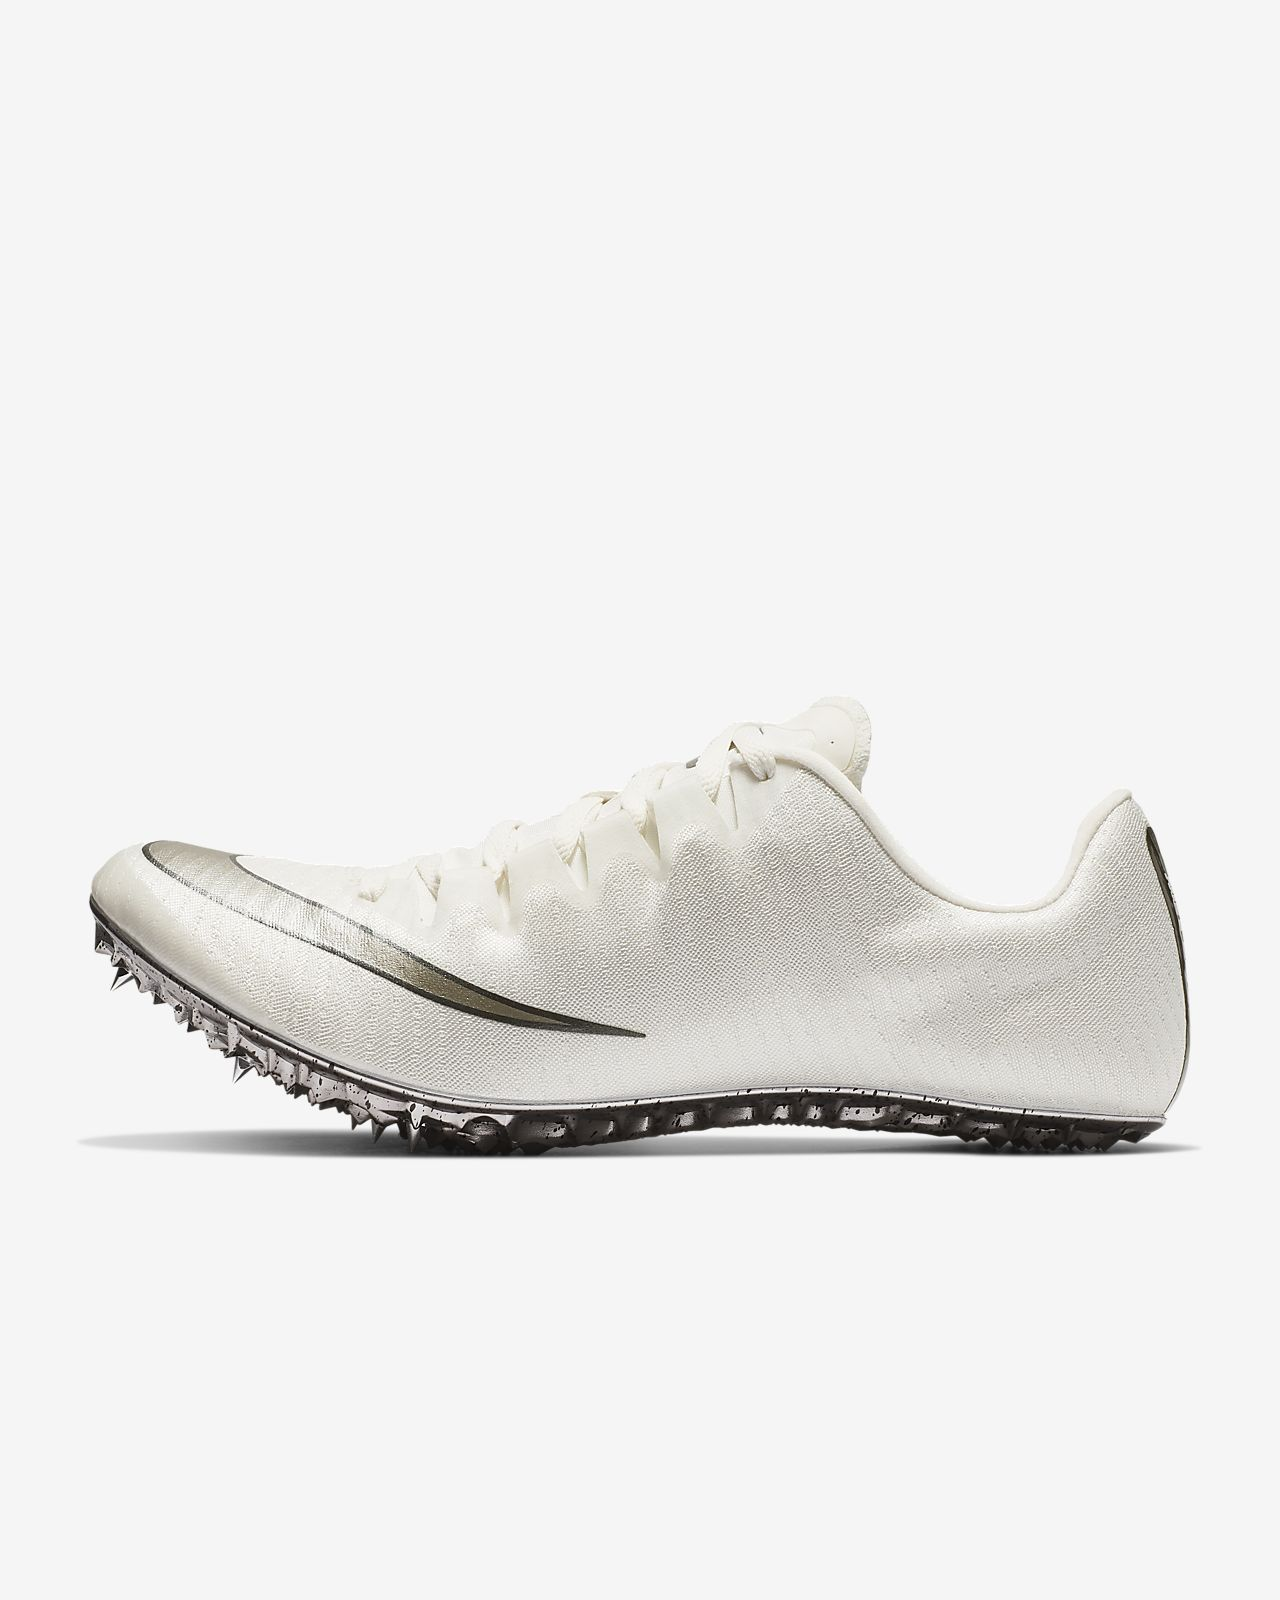 Nike Superfly Elite Yarış Ayakkabısı